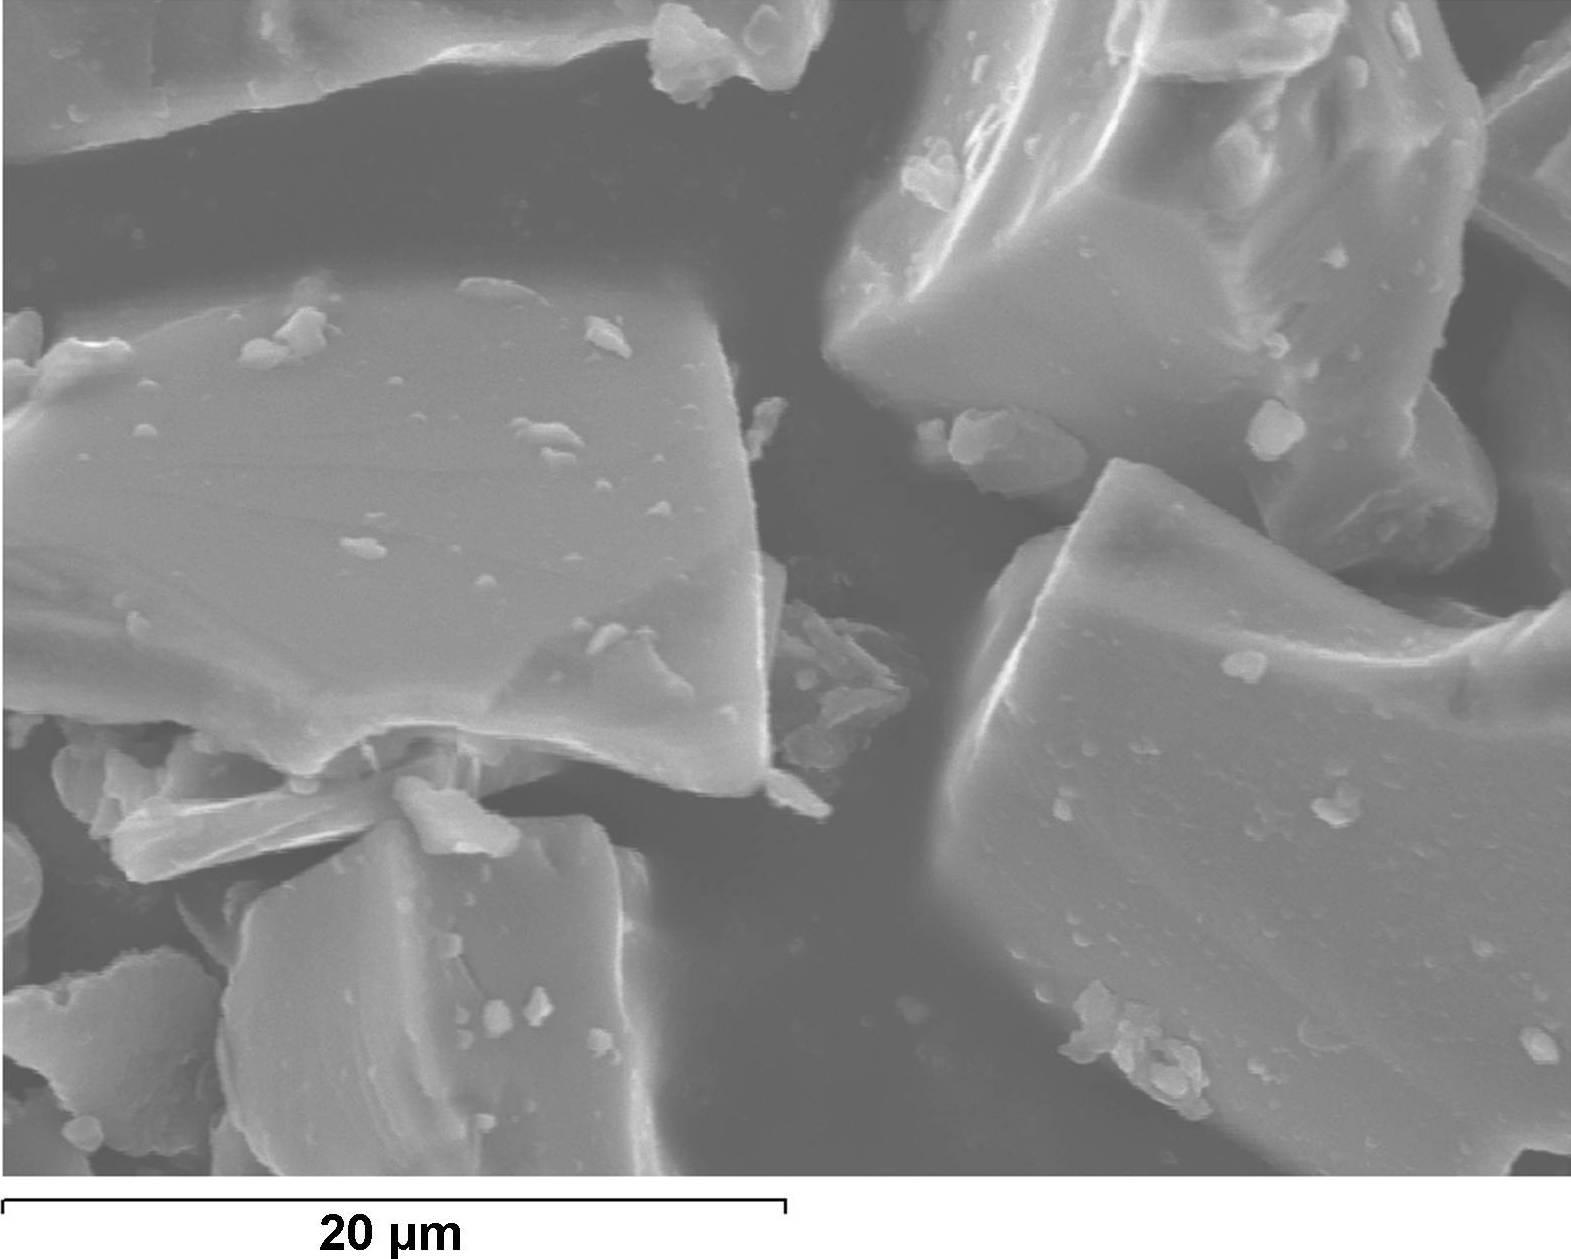 Micrografia Nº1: Detall de partícules de SiC